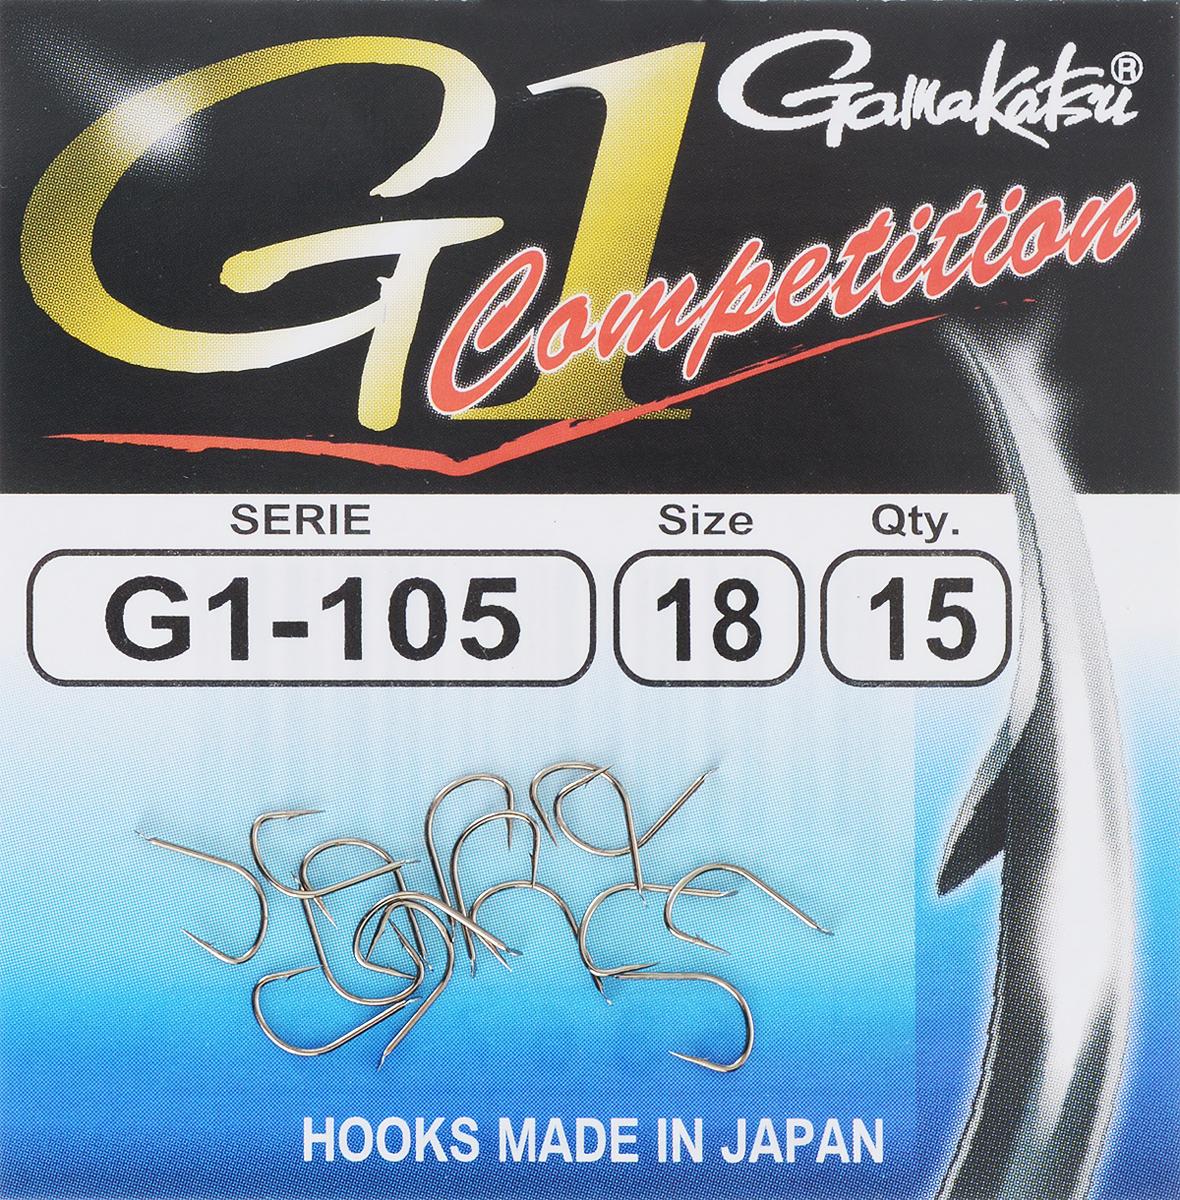 Набор крючков Gamakatsu G-1 Competition, размер №18, 15 шт23411Gamakatsu G-1 Competition - это крючки, прекрасно подходящие для ловли на волосяную оснастку в условиях соревнований. Изделия выполнены из тяжелой проволоки.